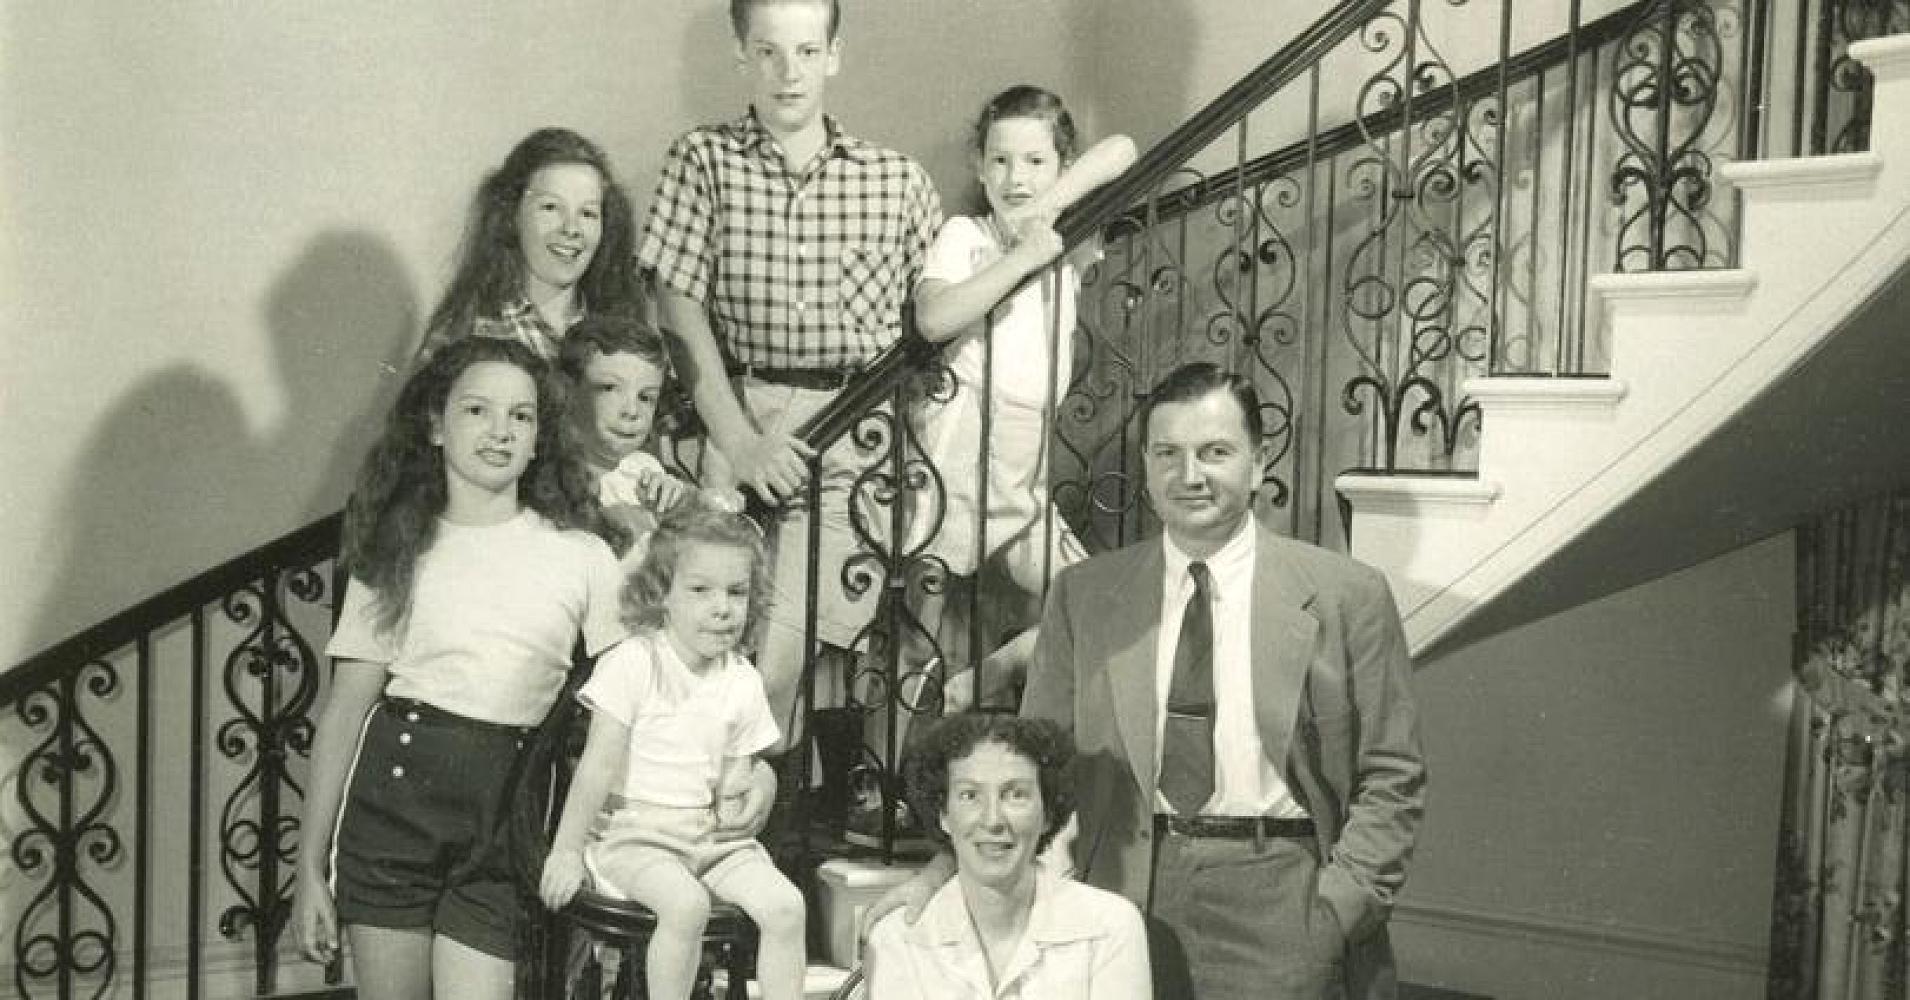 Рис. 3: Фото с семьей